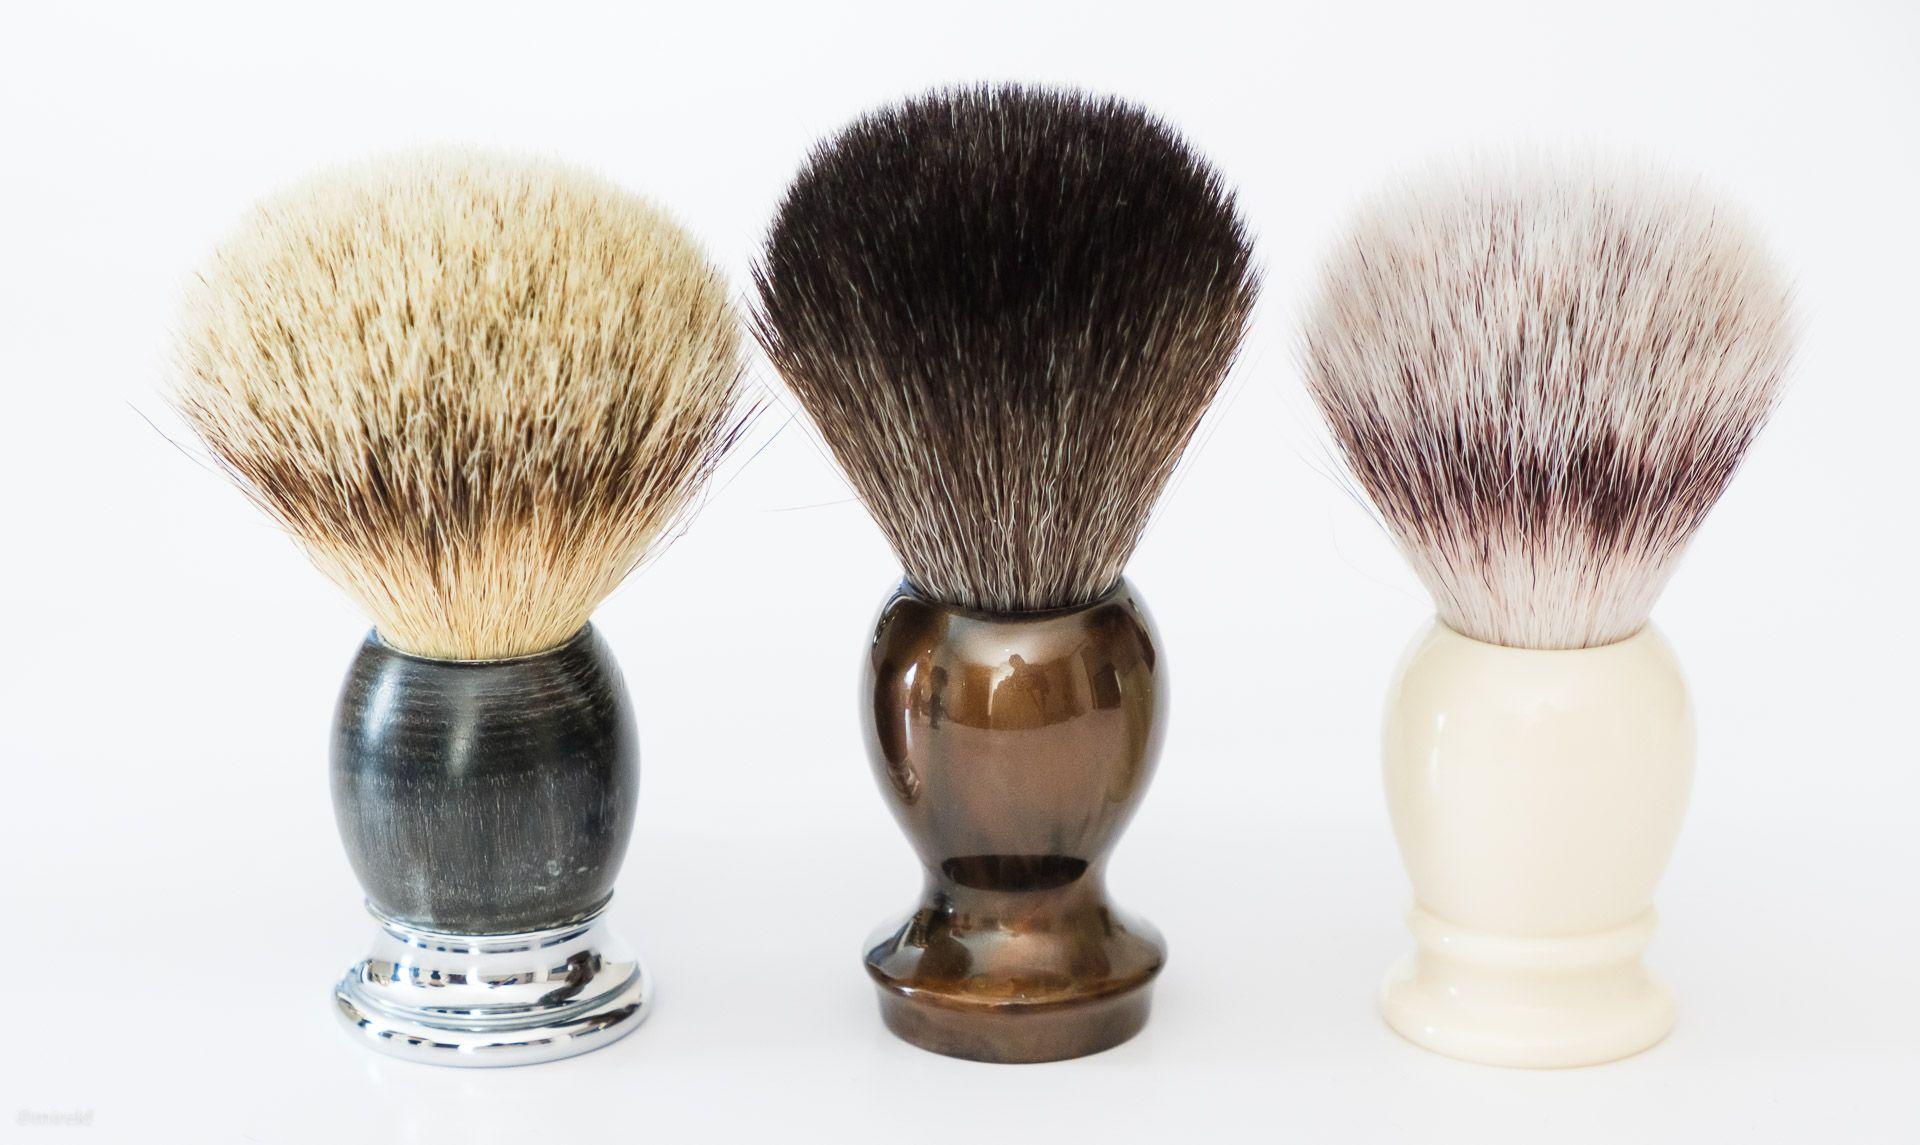 Syntetyczny pędzel do golenia Muhle Classic 33K257 Synthetic Silvertip Fibres, ivory – porównanie z Mühle Sophist Silvertip Badger Brush ∅23 mm i Maggard Razors Synthetic Shaving Brush Bronze ∅22 mm